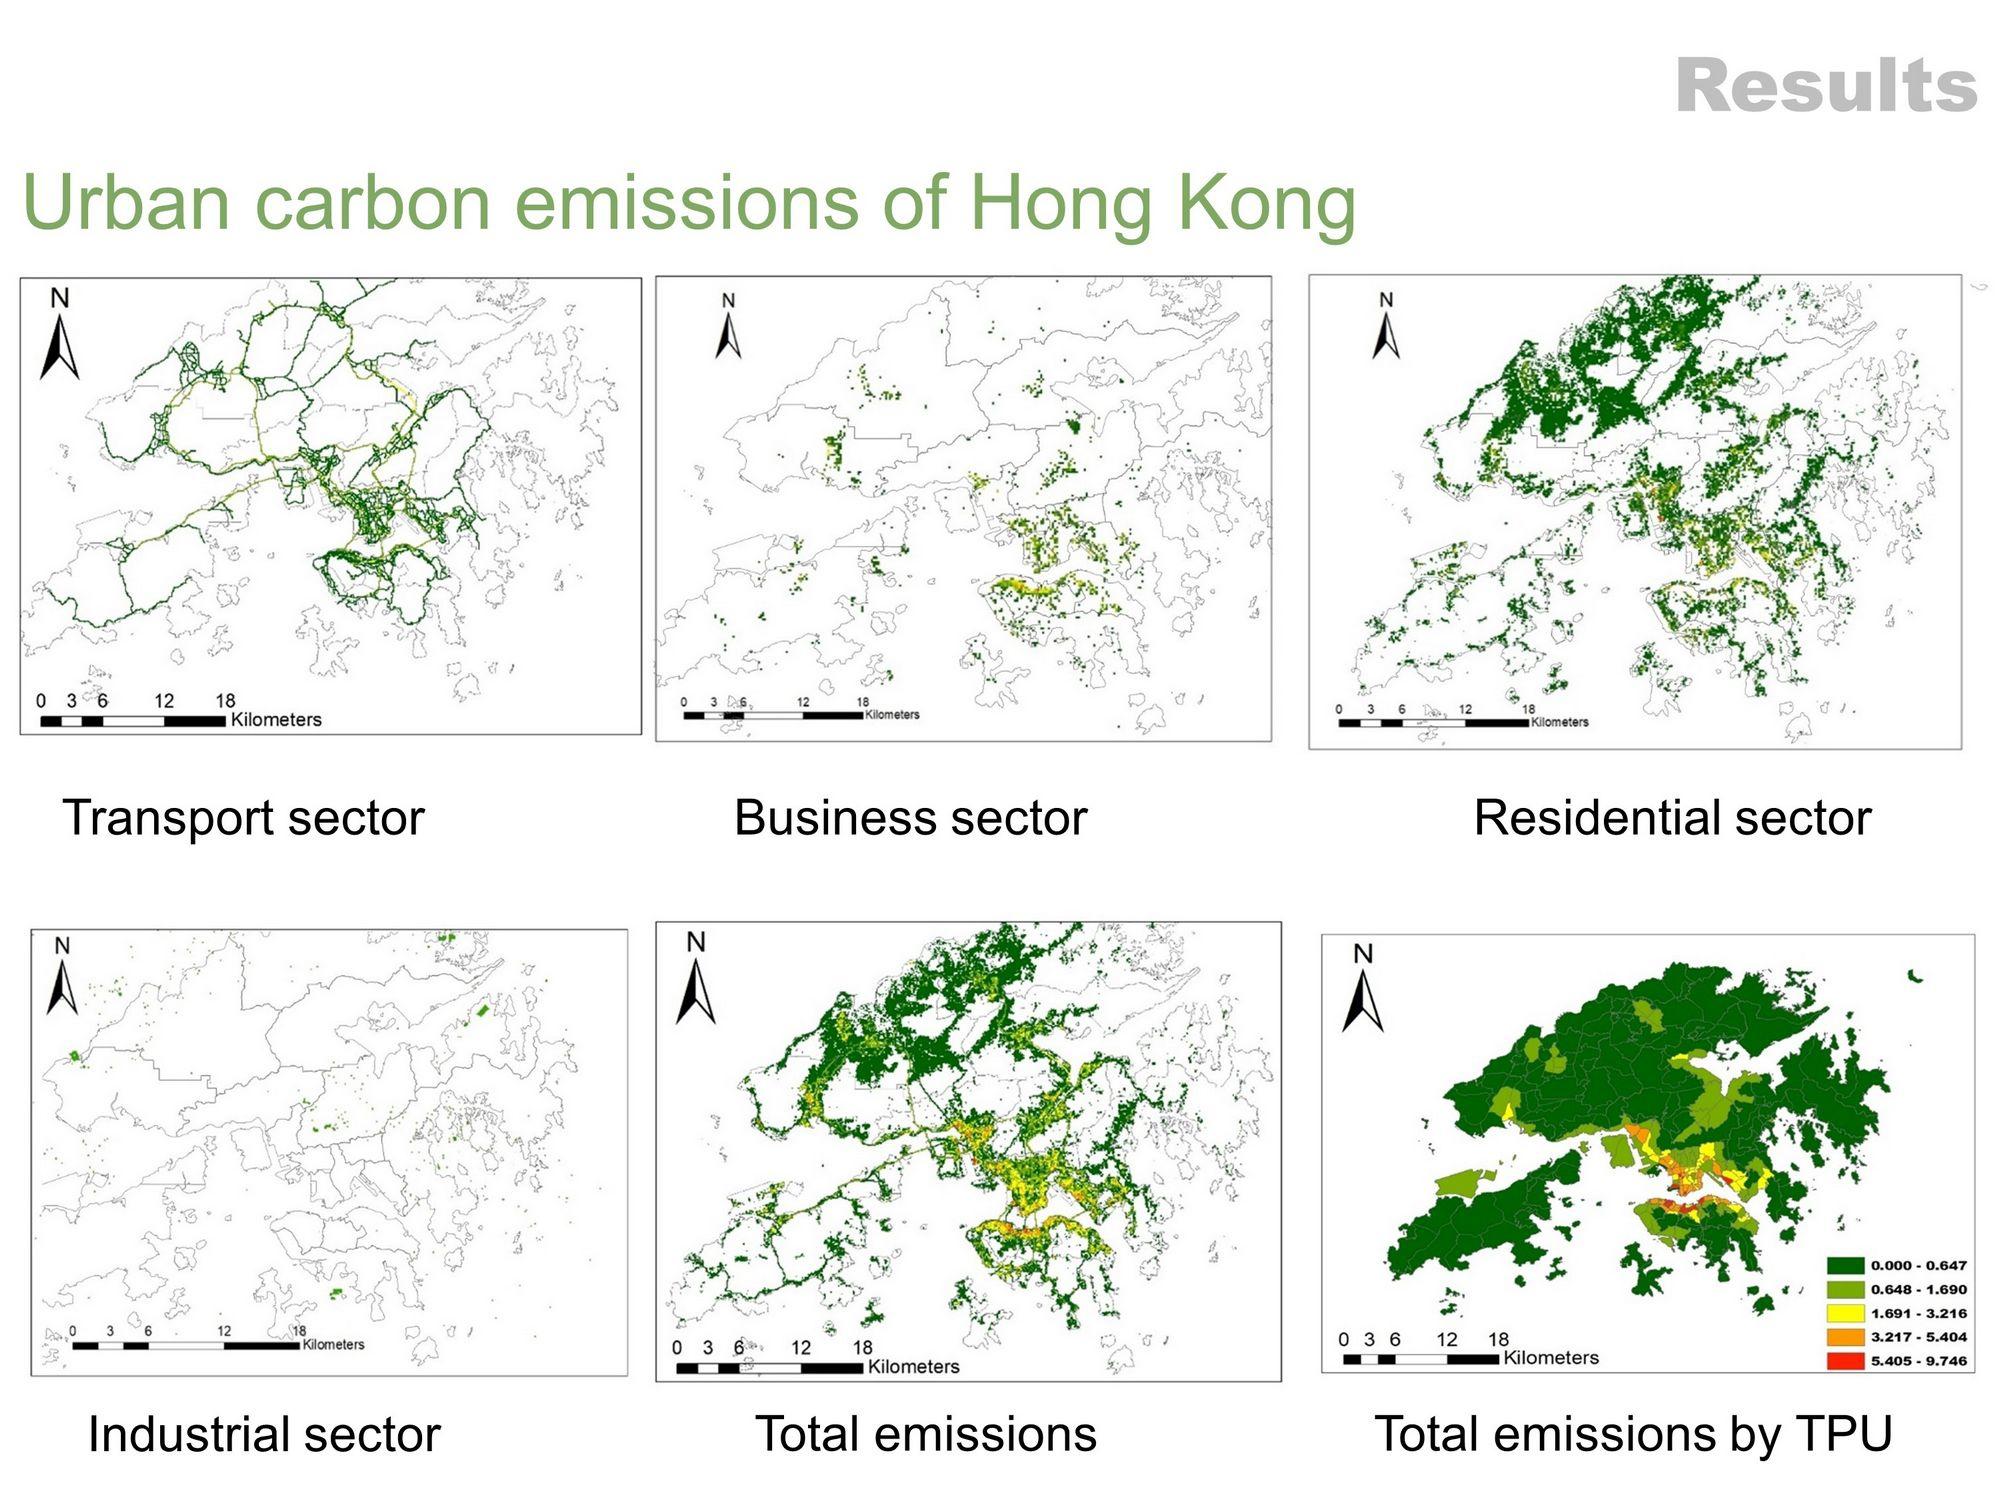 中大建筑学院博士研究生蔡萌开发了一种混合方法,利用开放的城市数据,模拟高分辨率城市碳排放清单。